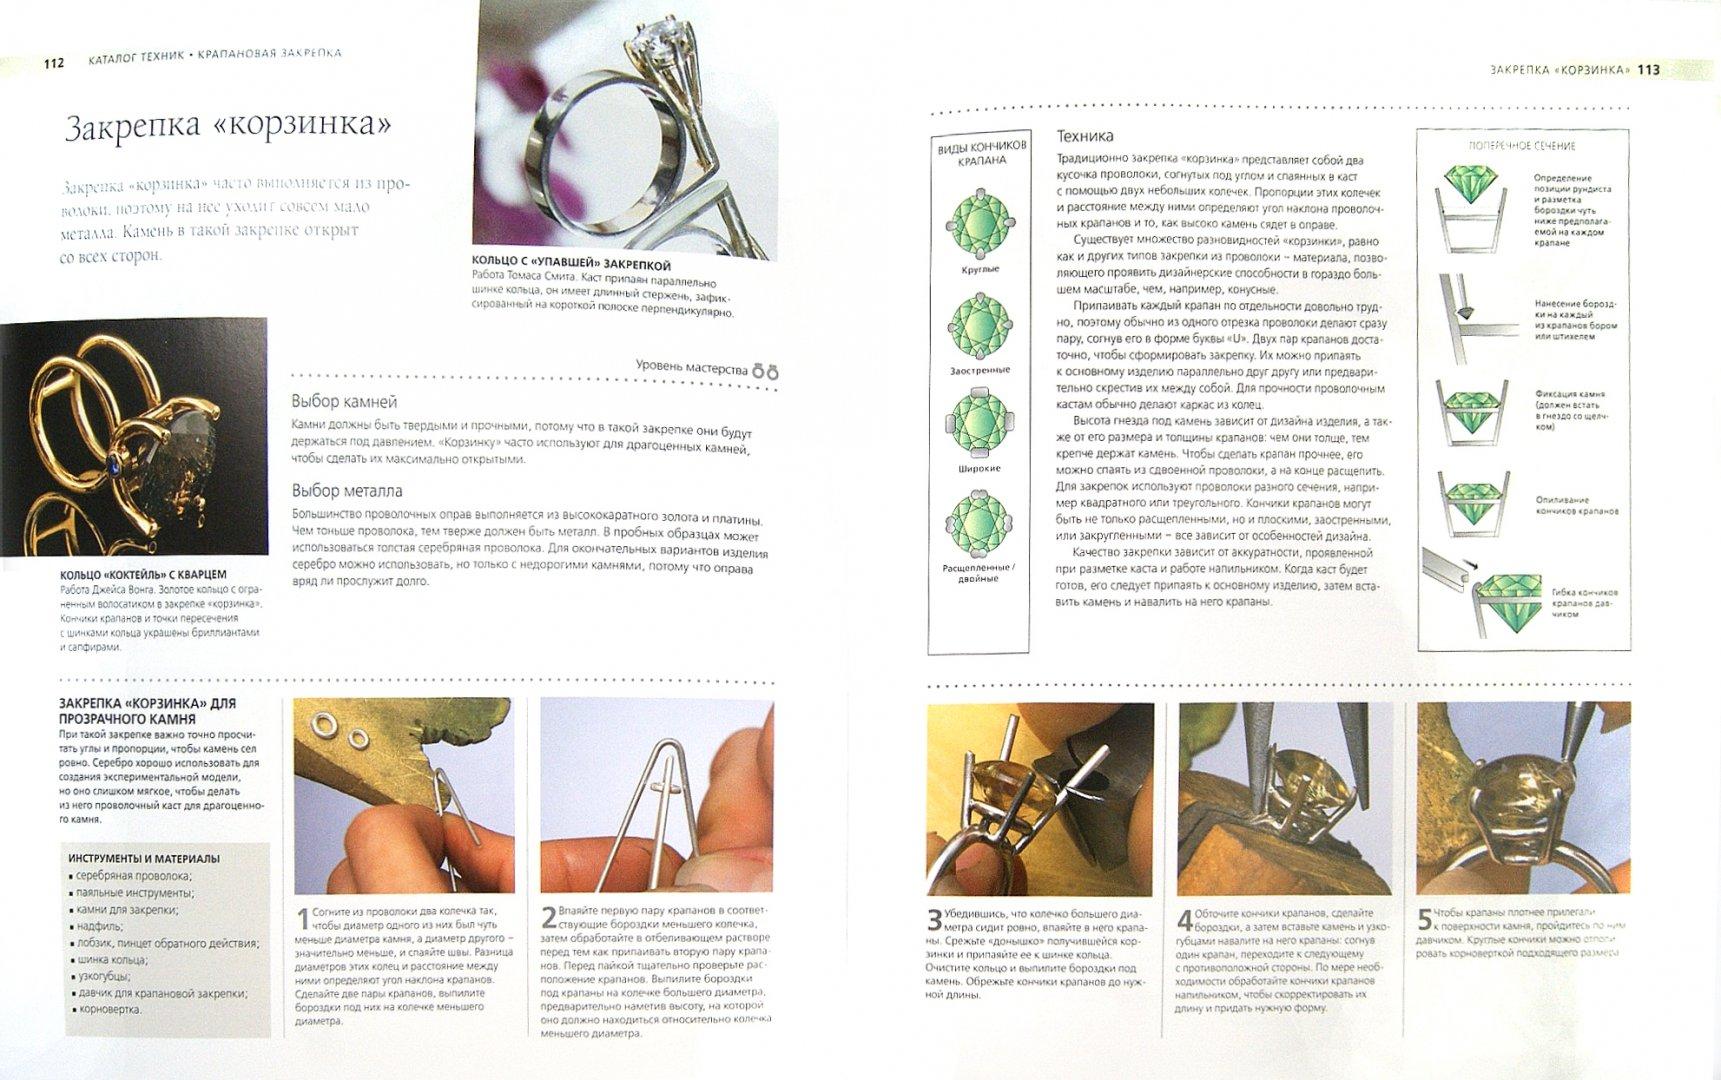 Иллюстрация 1 из 16 для Ювелирные украшения. Руководство по закрепке камней. Стили и техники - Анастейша Янг   Лабиринт - книги. Источник: Лабиринт